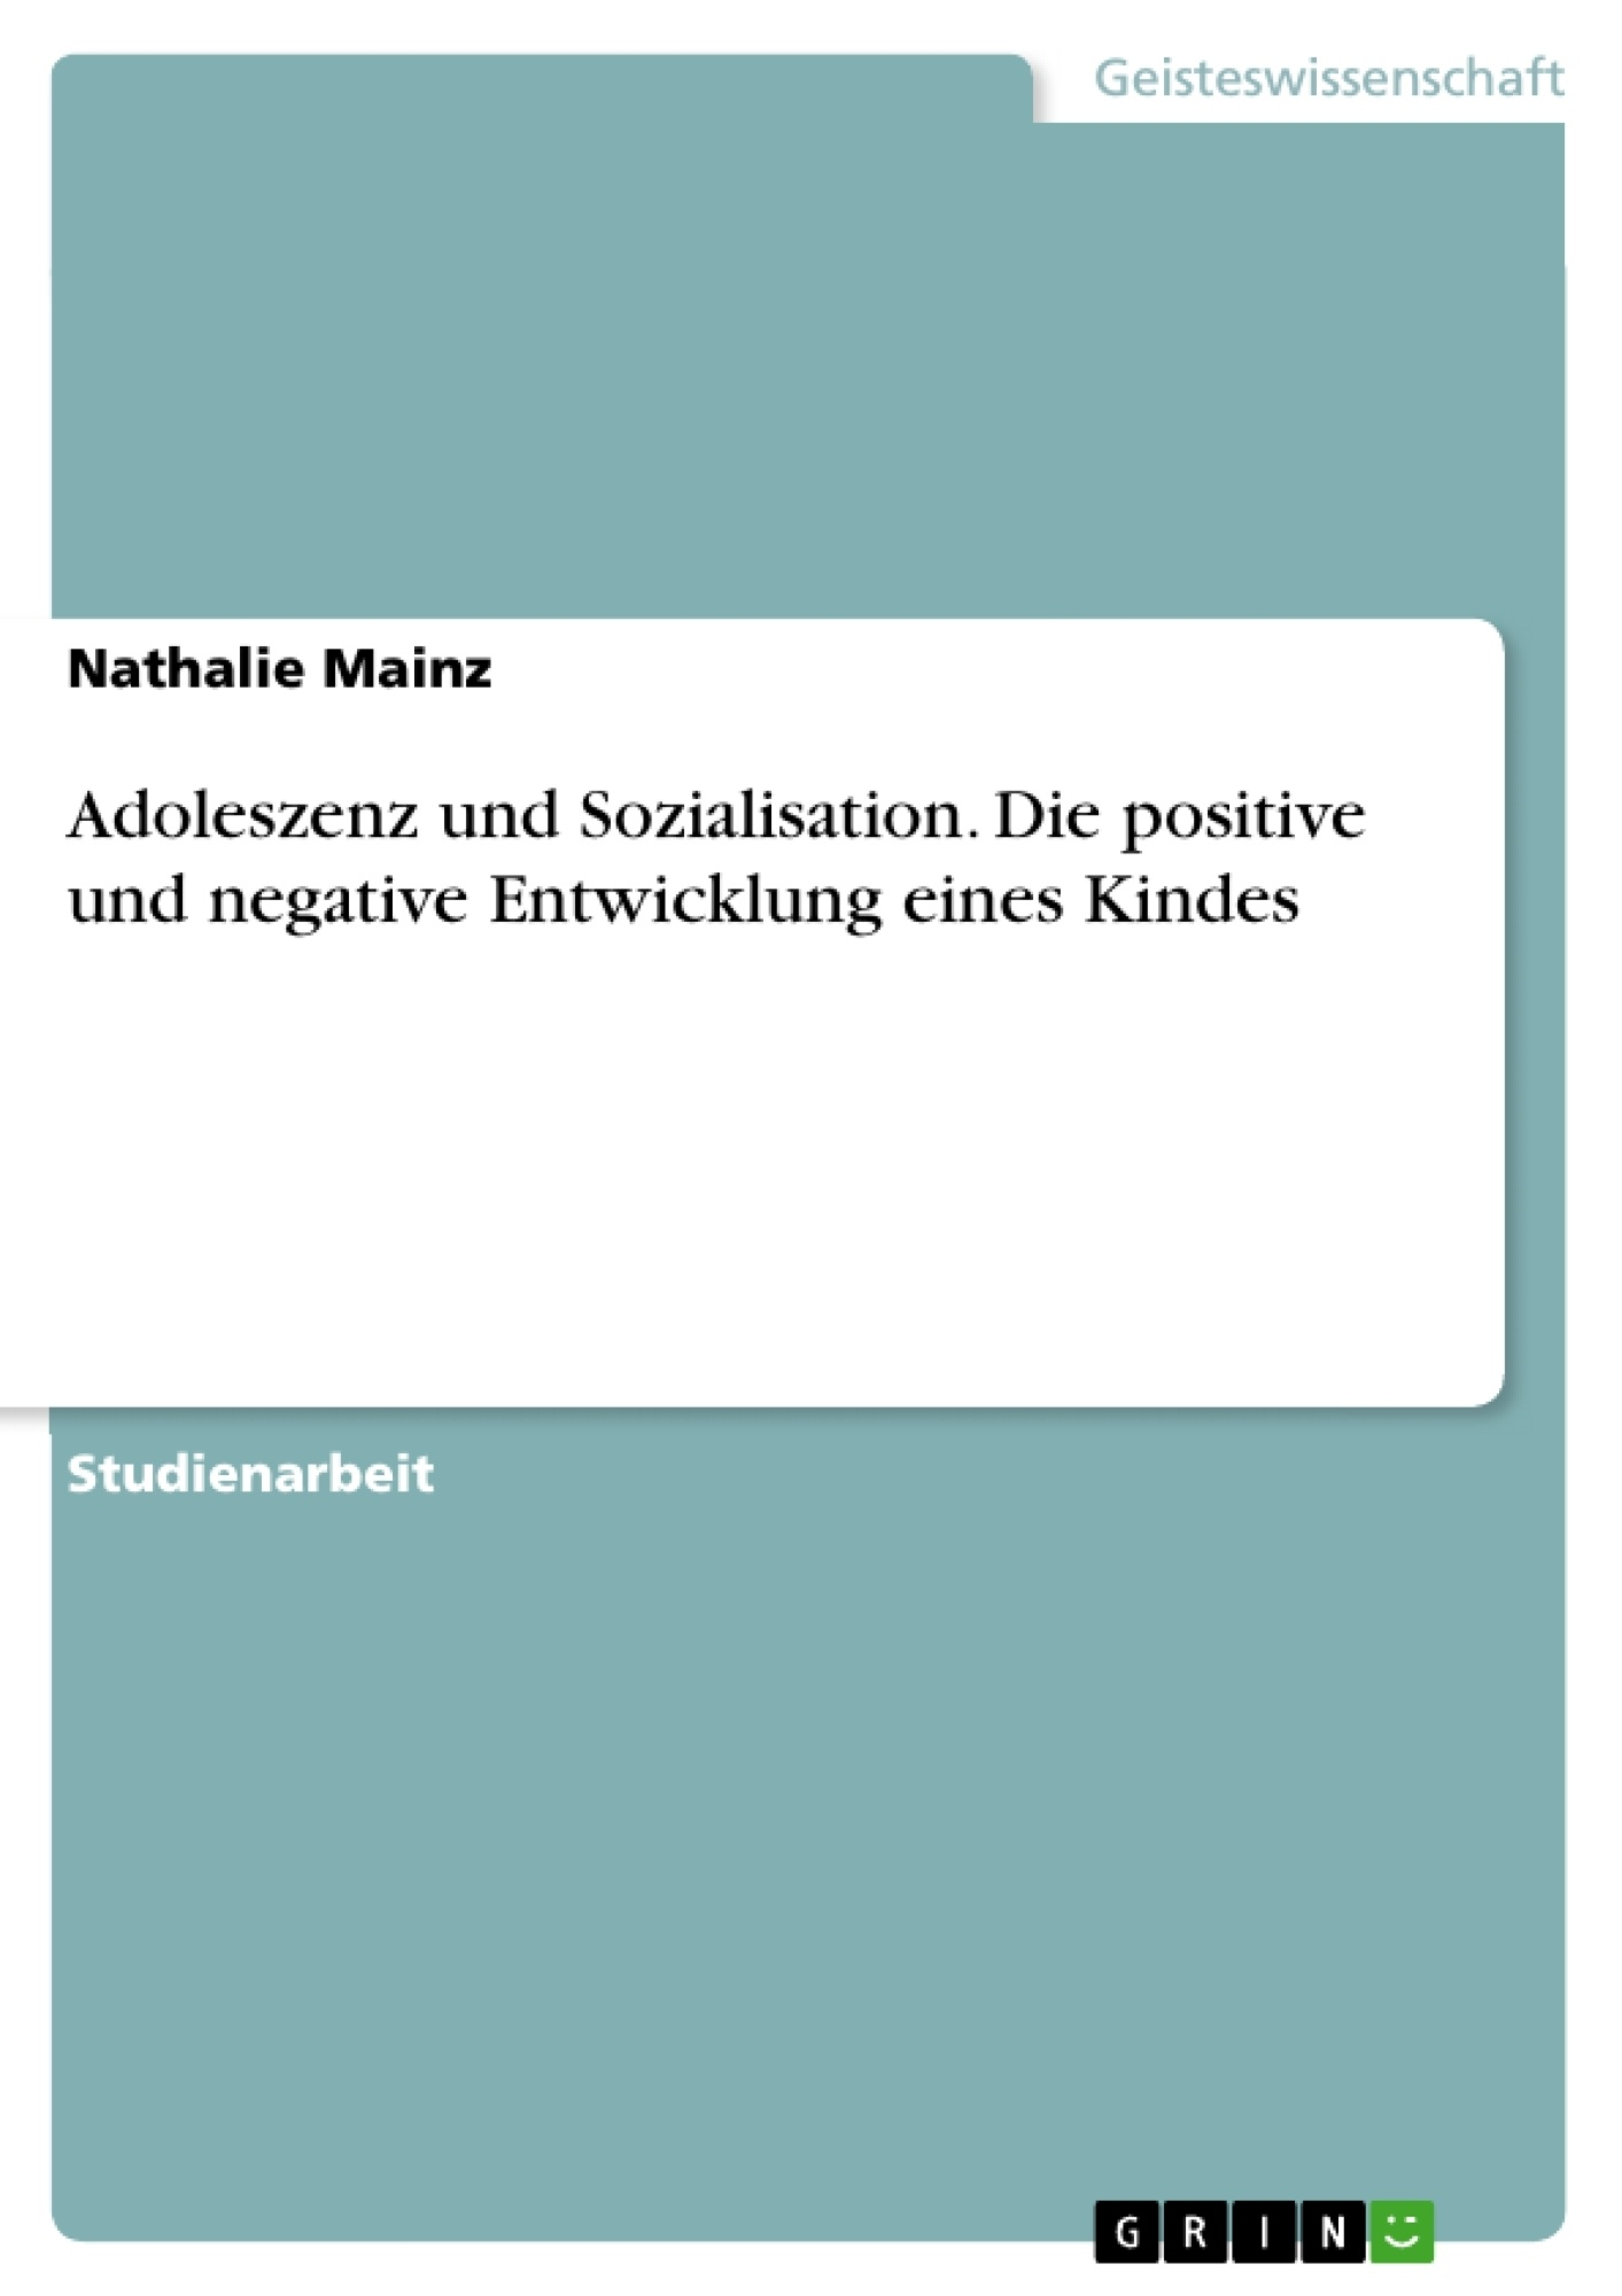 Titel: Adoleszenz und Sozialisation. Die positive und negative Entwicklung eines Kindes